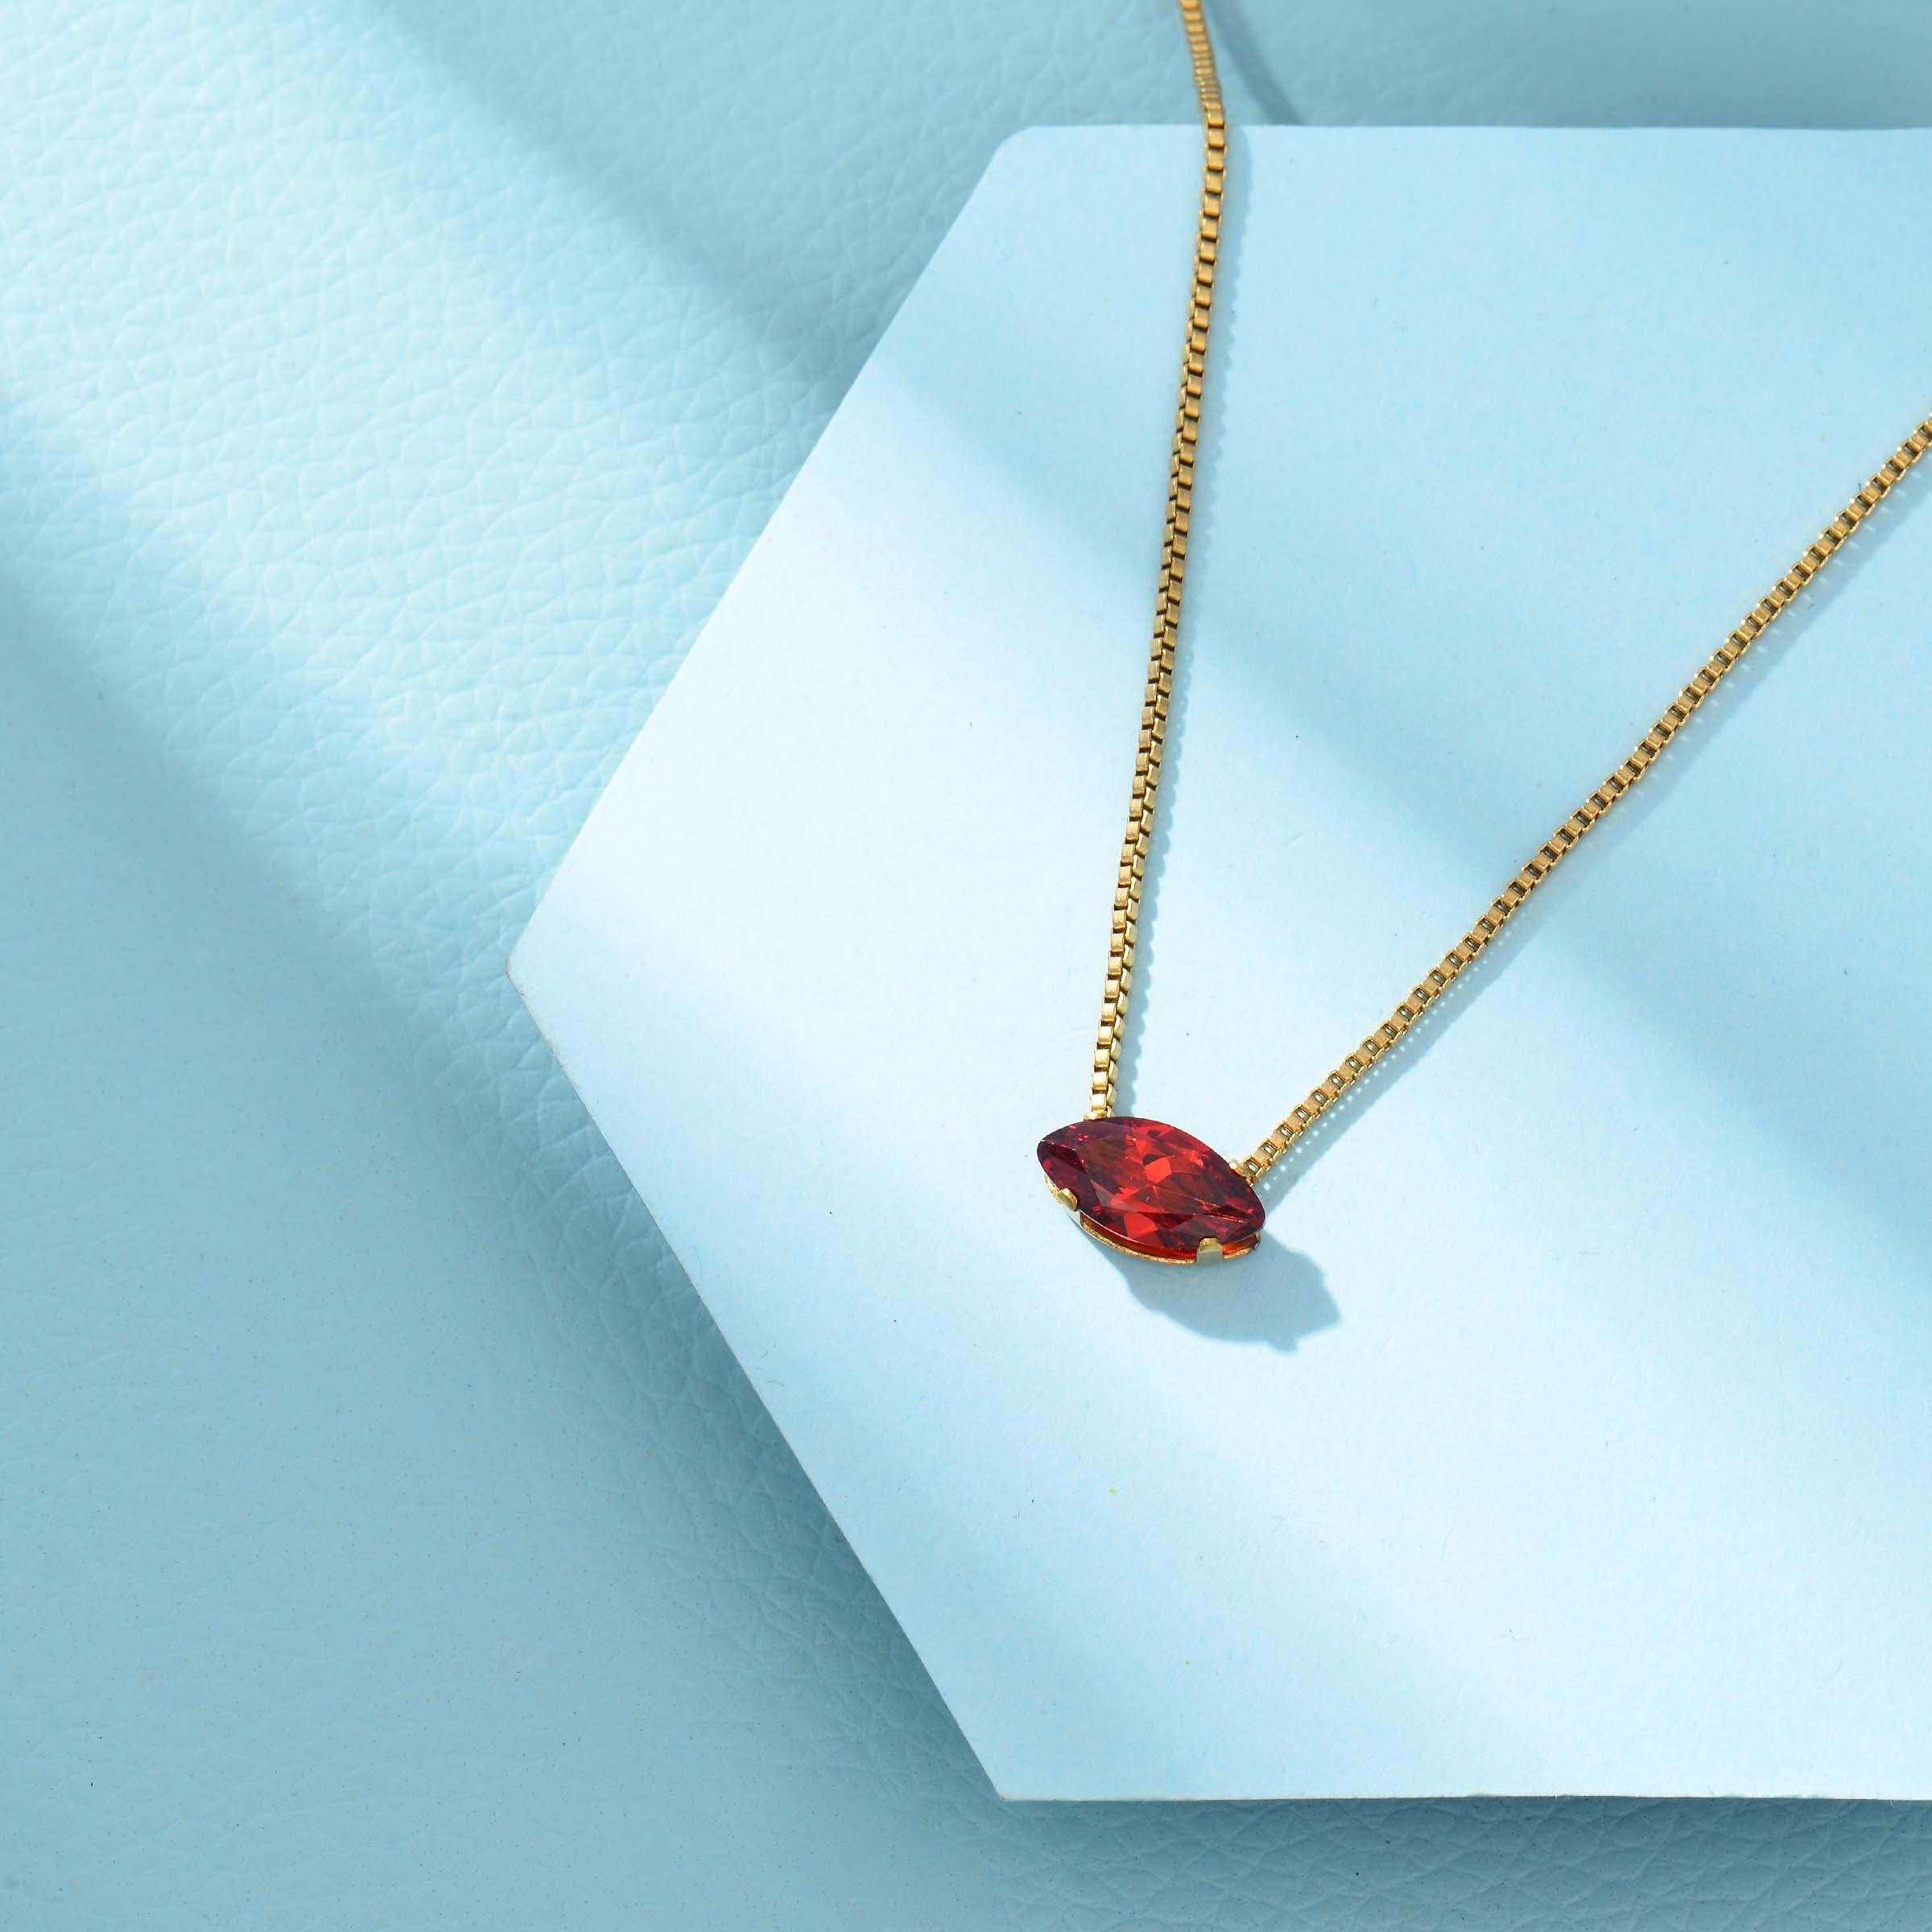 Collares de Acero Inoxidable para Mujer al por Mayor -SSNEG143-33858